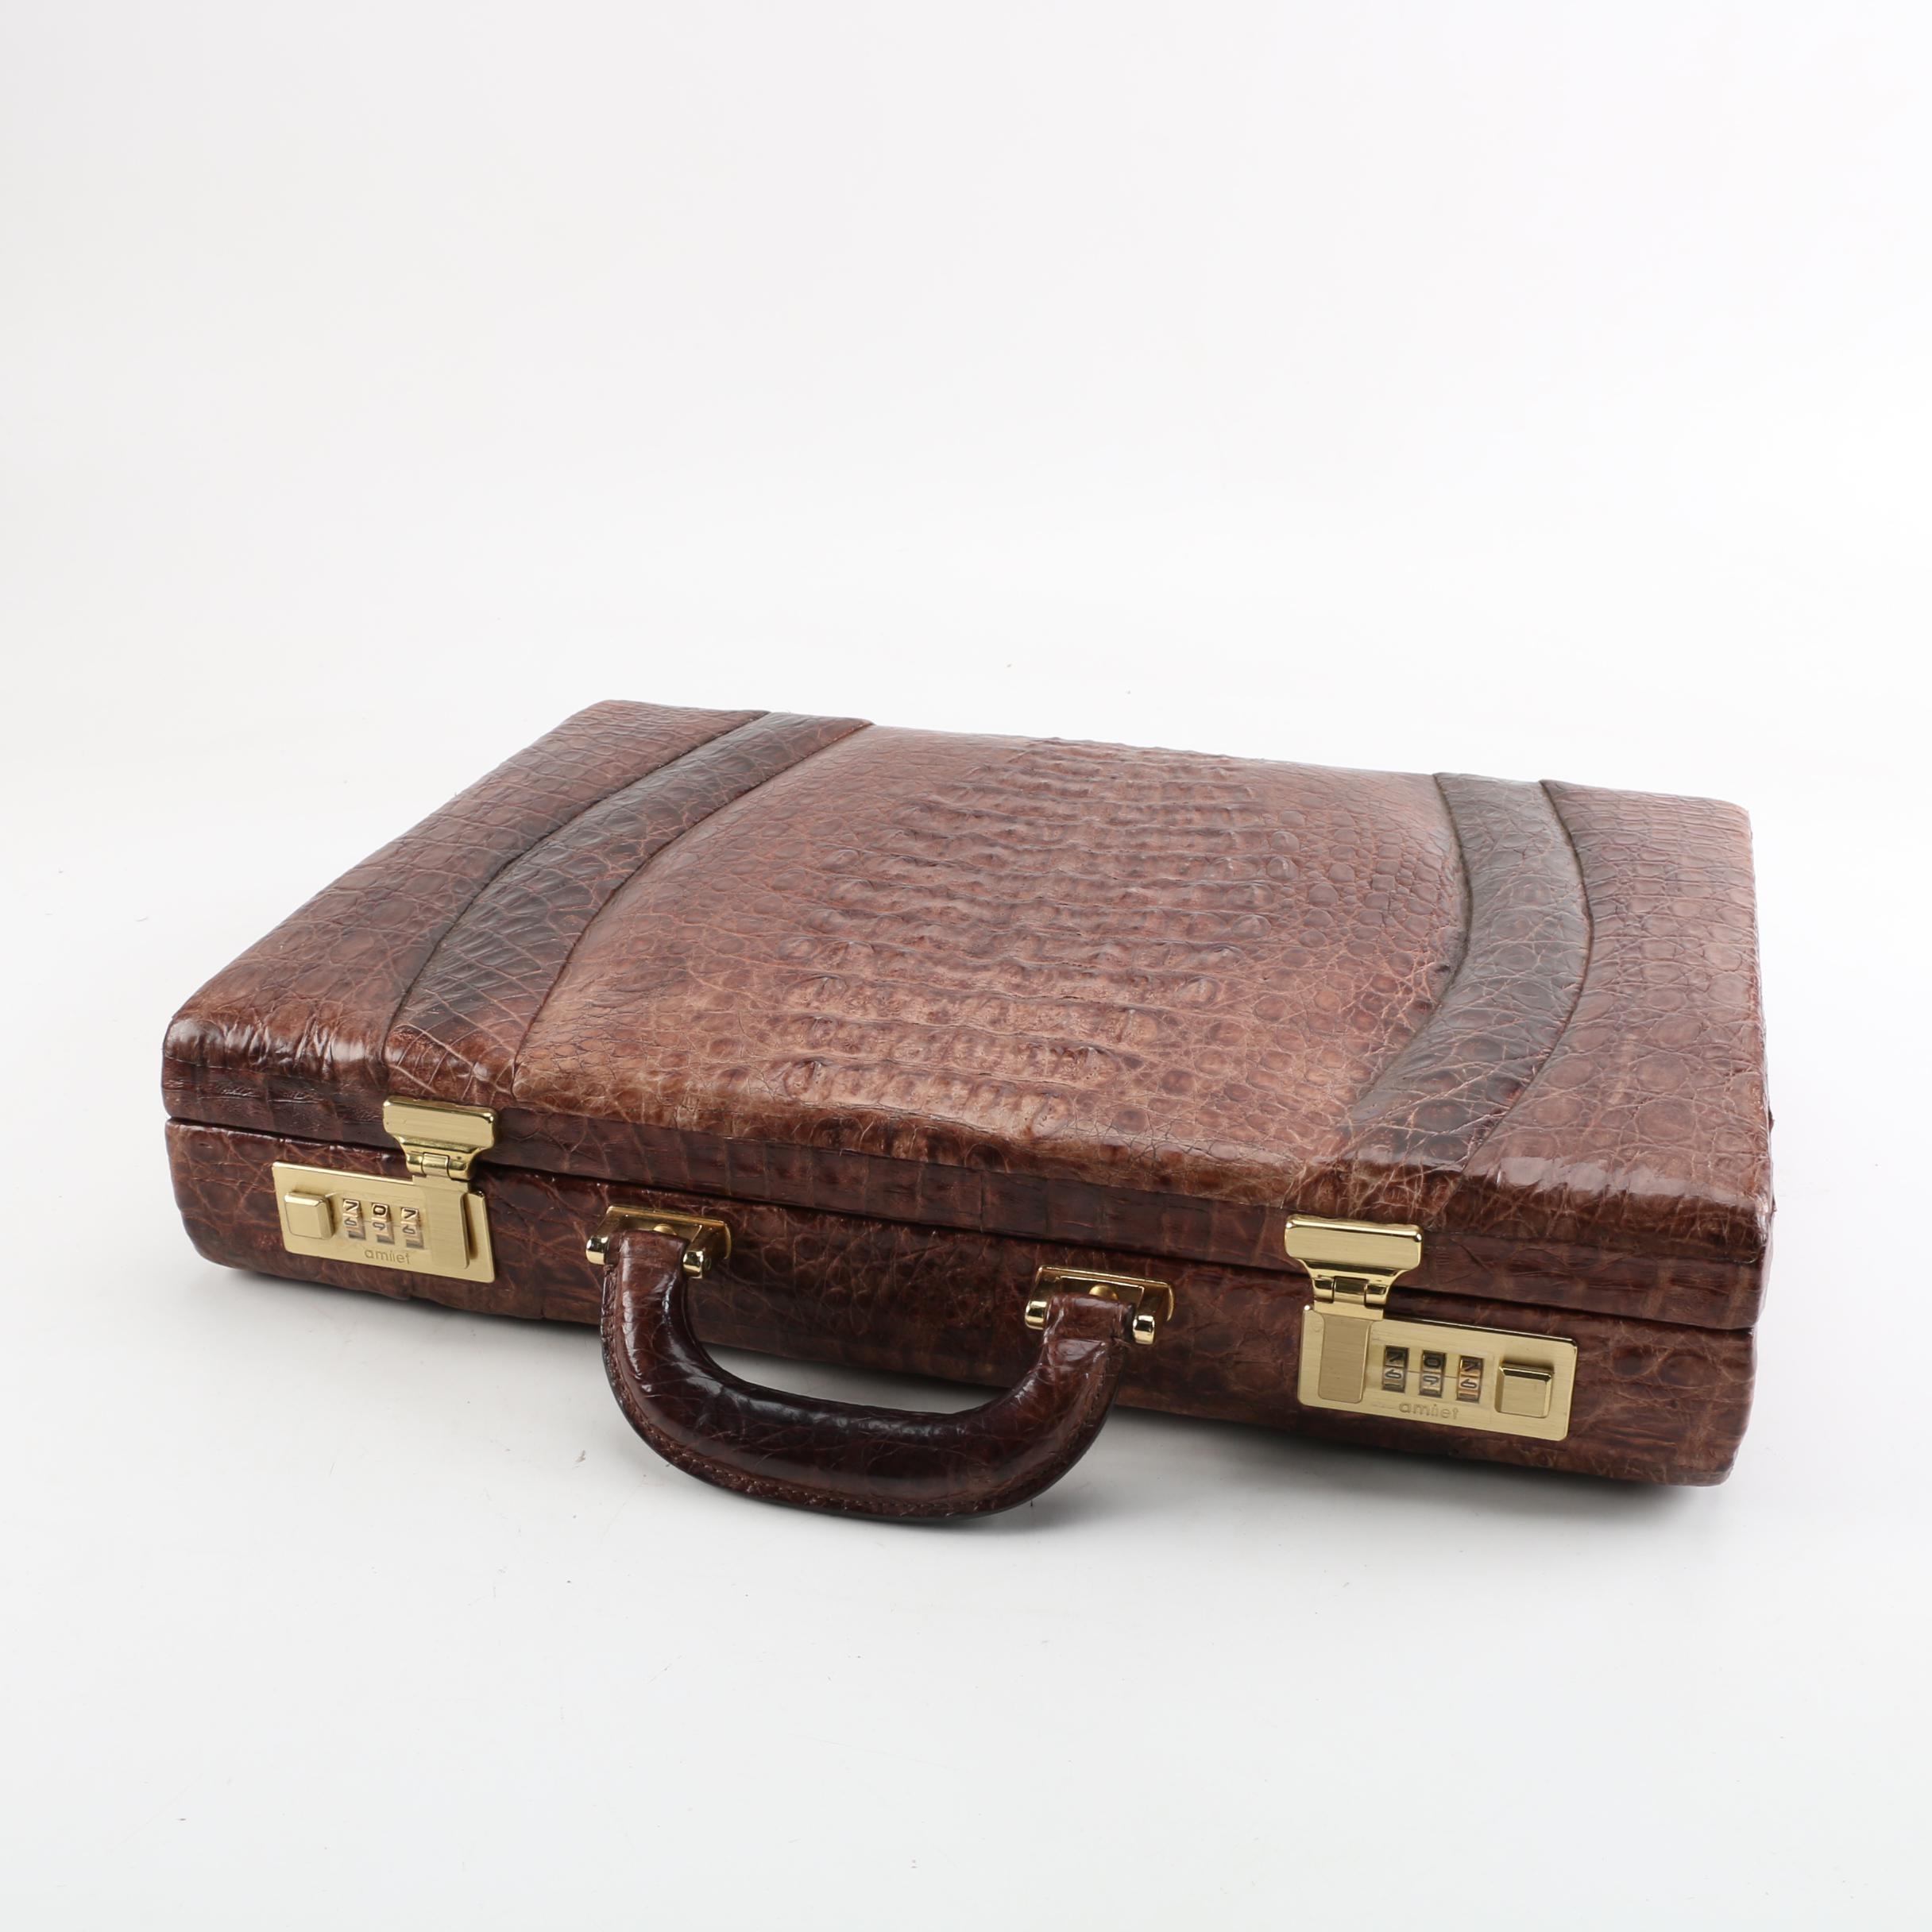 Vintage Dimuri Caiman Briefcase with Alligator Wallet